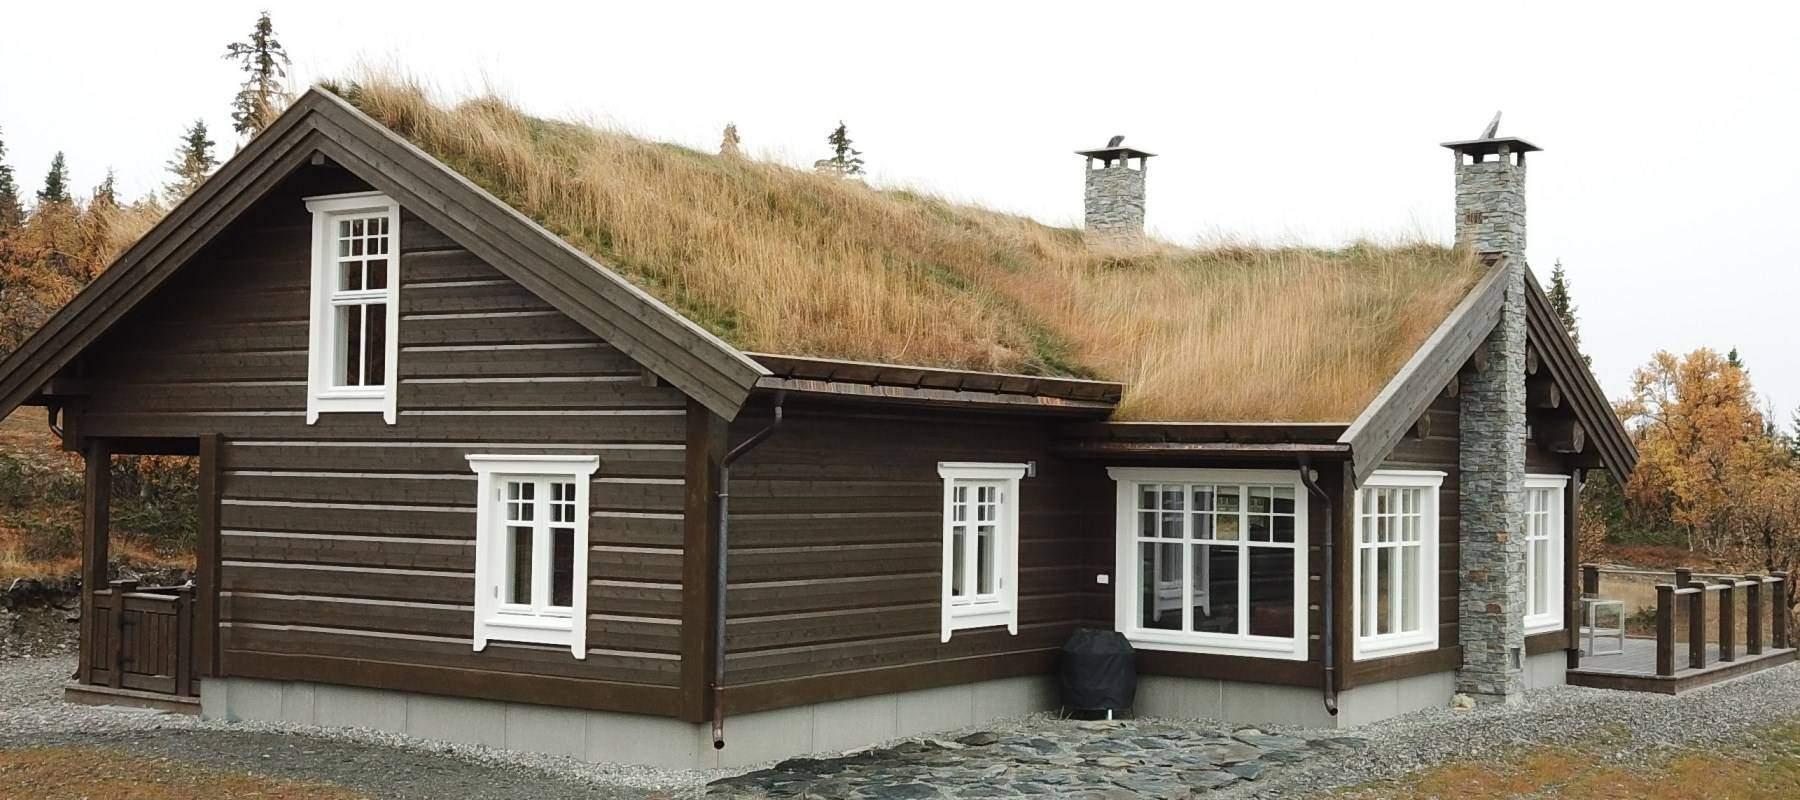 85 Hytteleverandor – Tiurtoppen Hytter Inspirasjon hytte pa Gålå